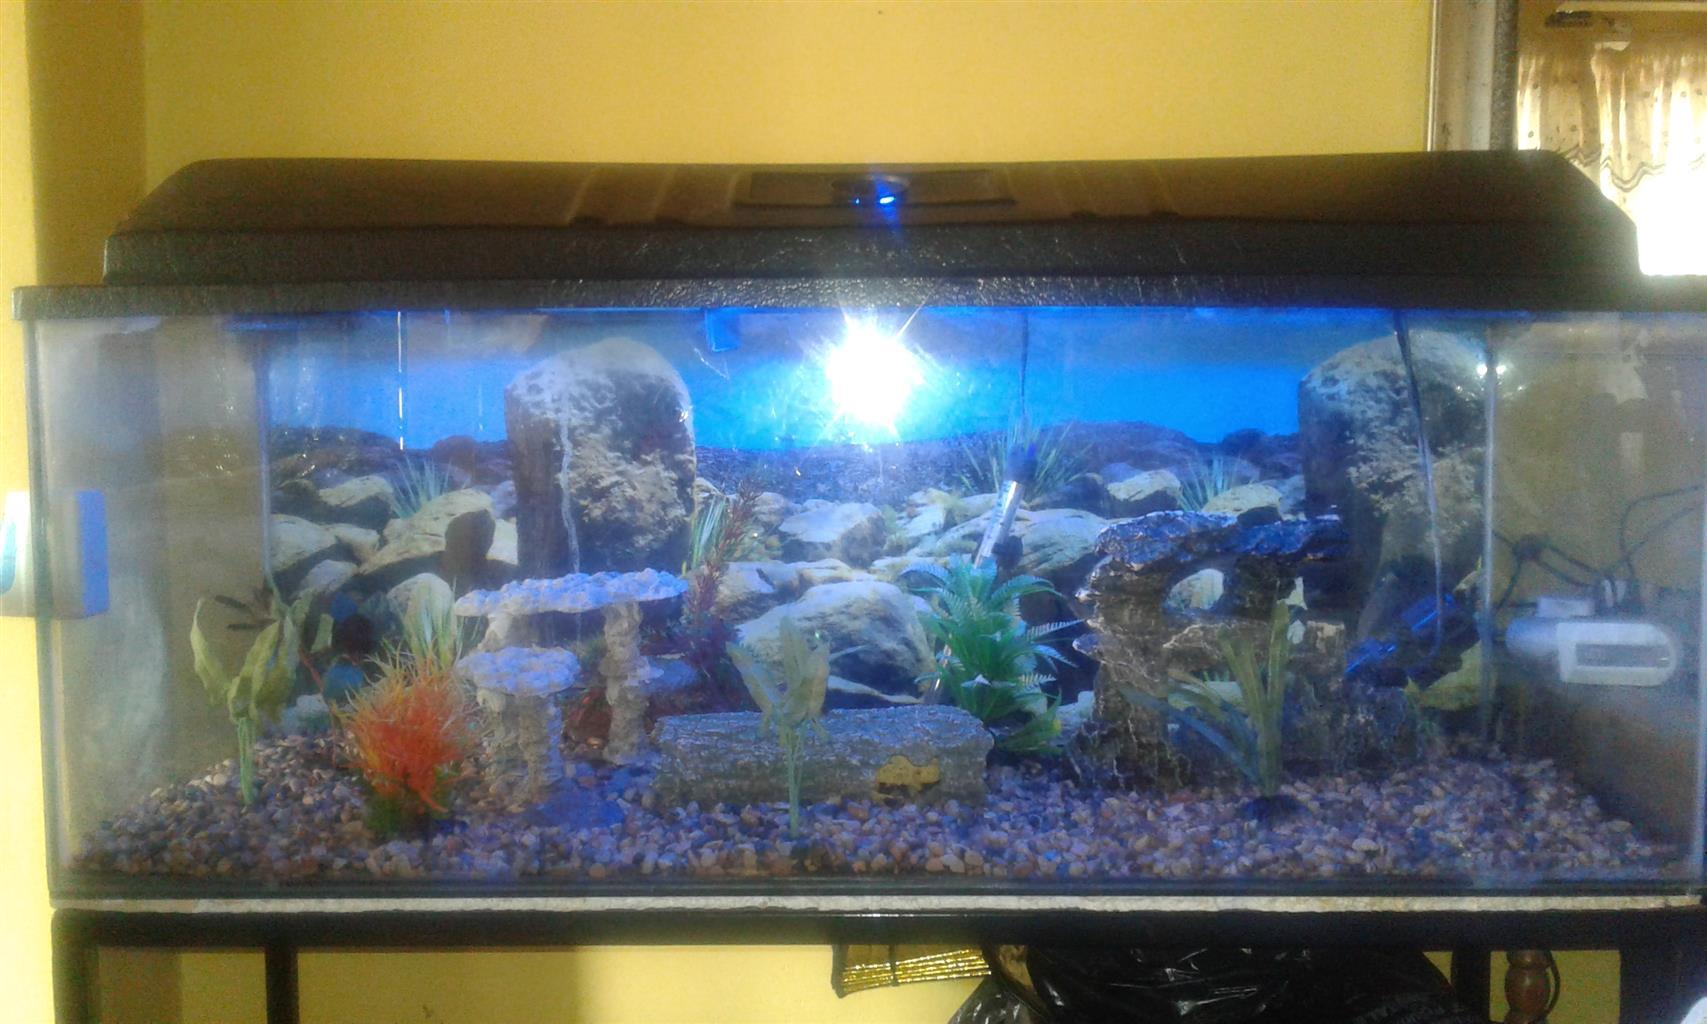 Aquarium and accessories